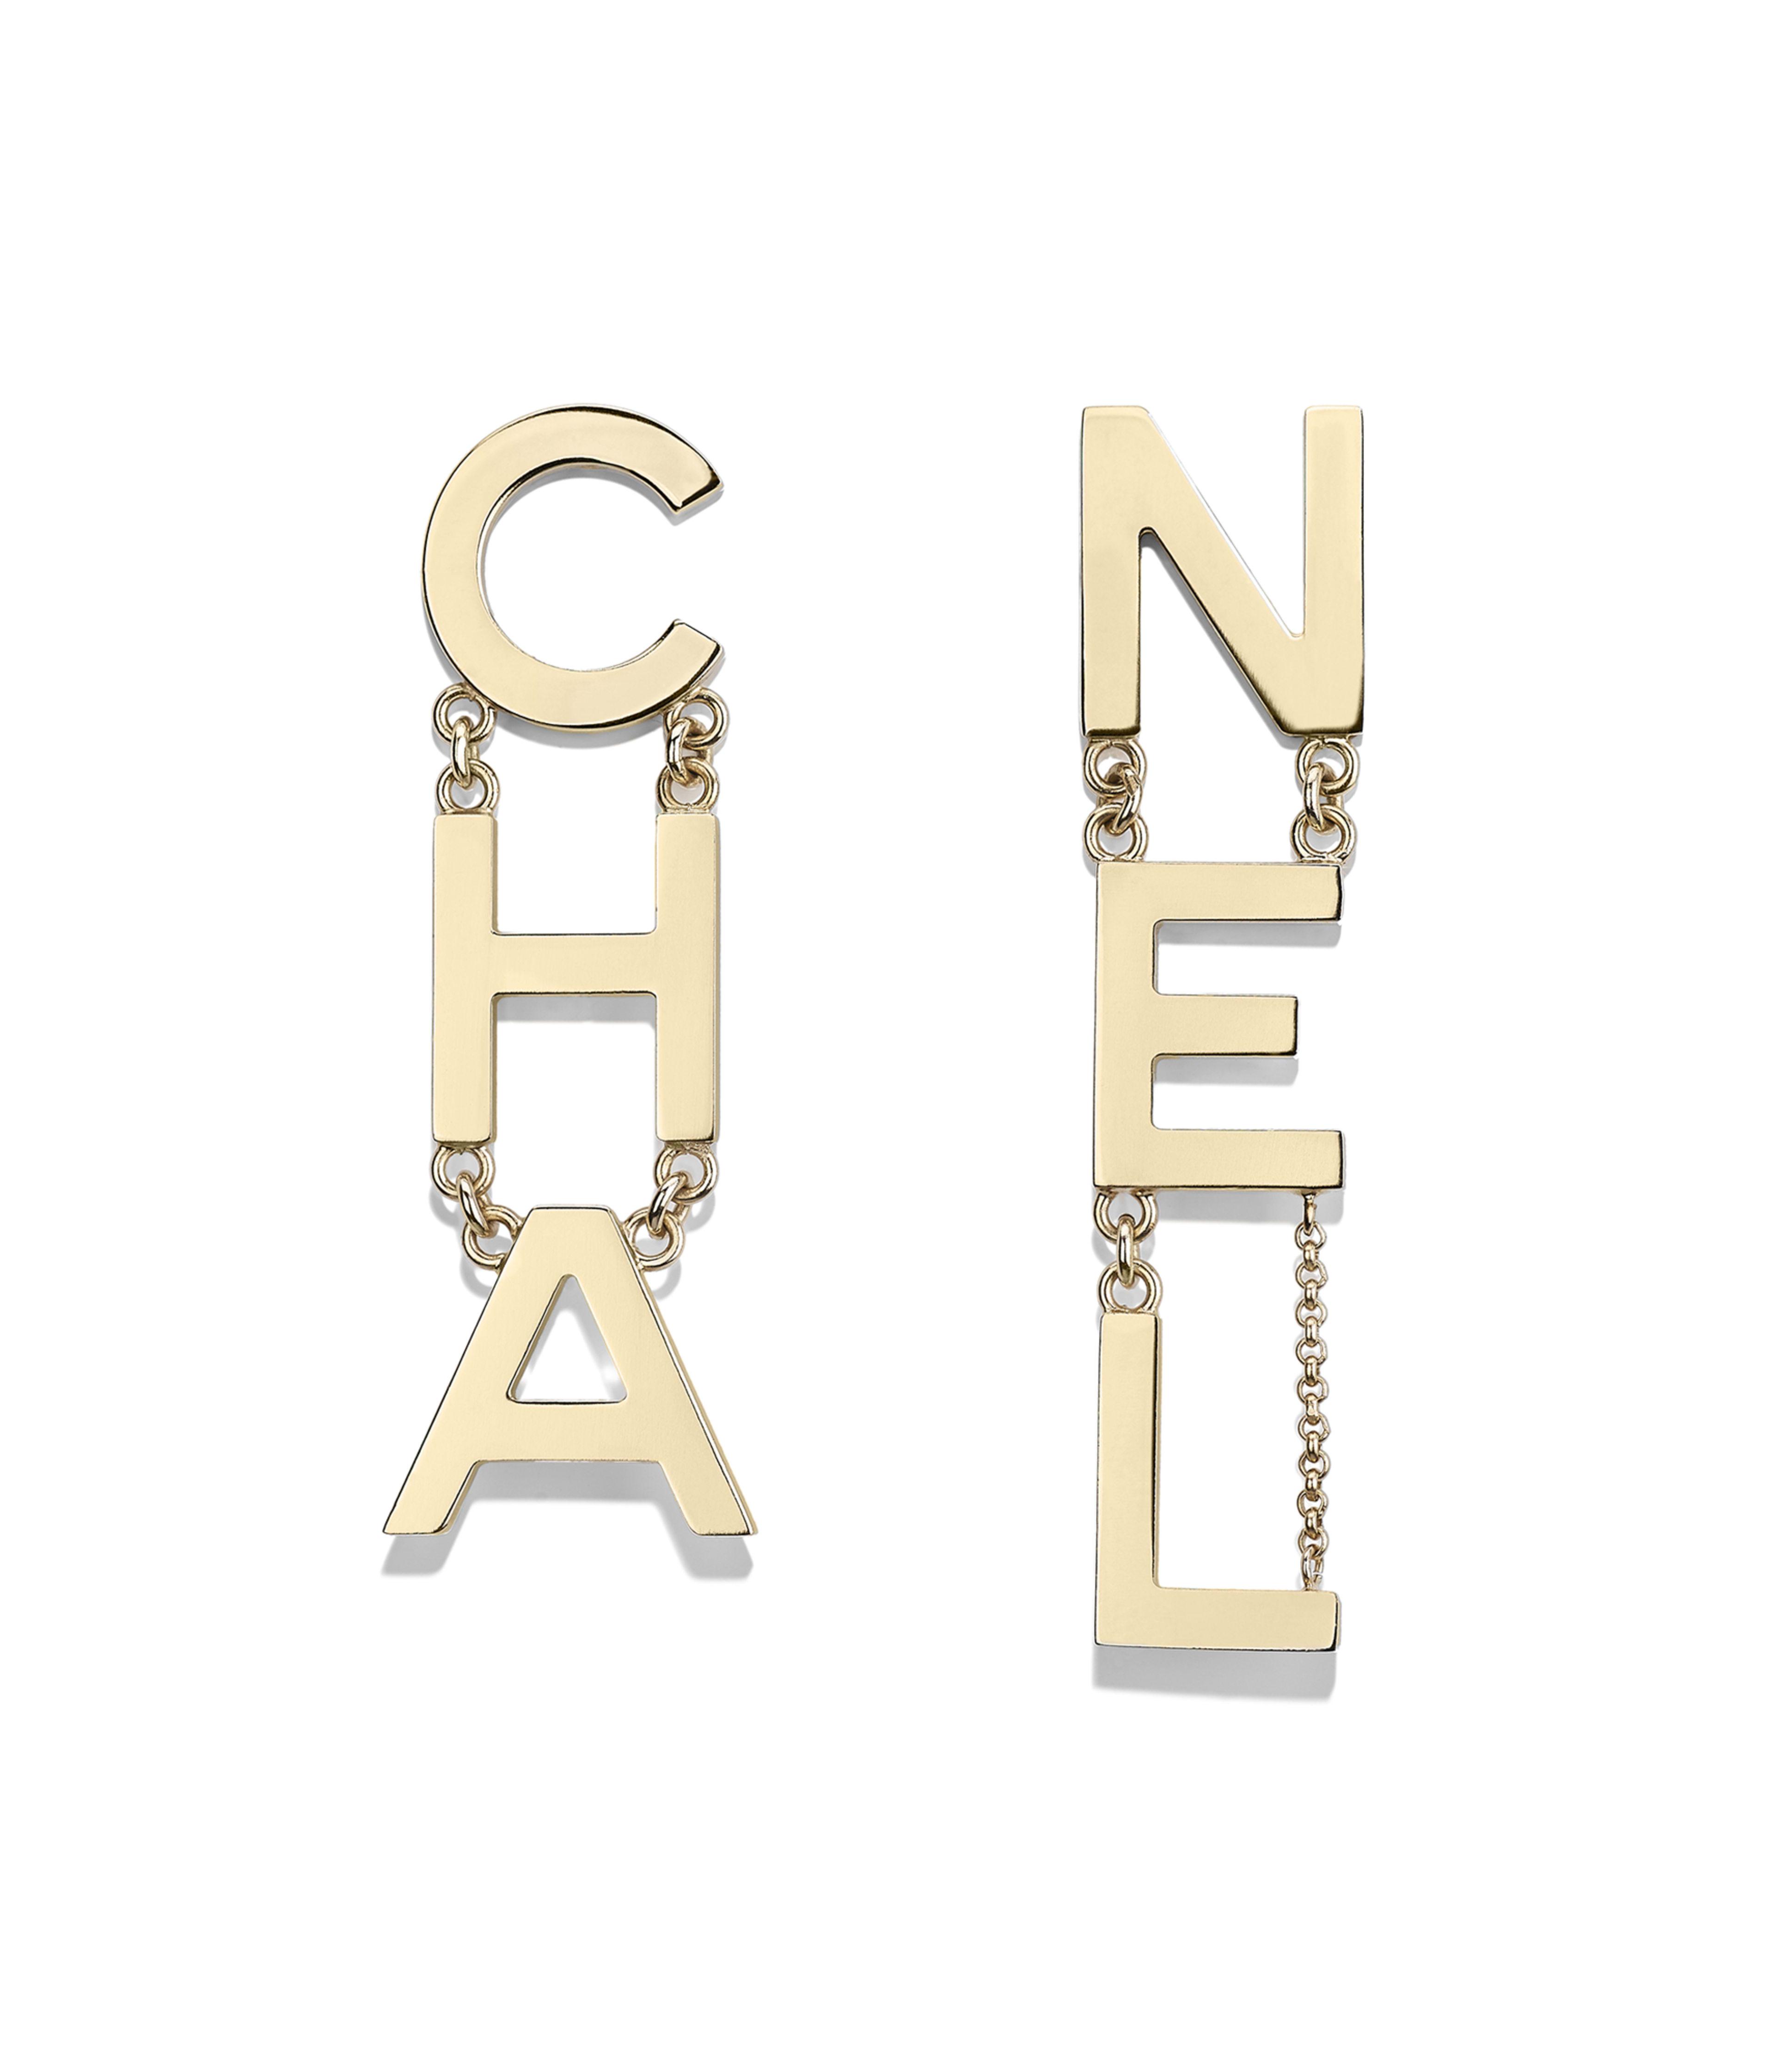 38c2a0d0d Earrings Metal, Gold Ref. AB1441X01060Z0000